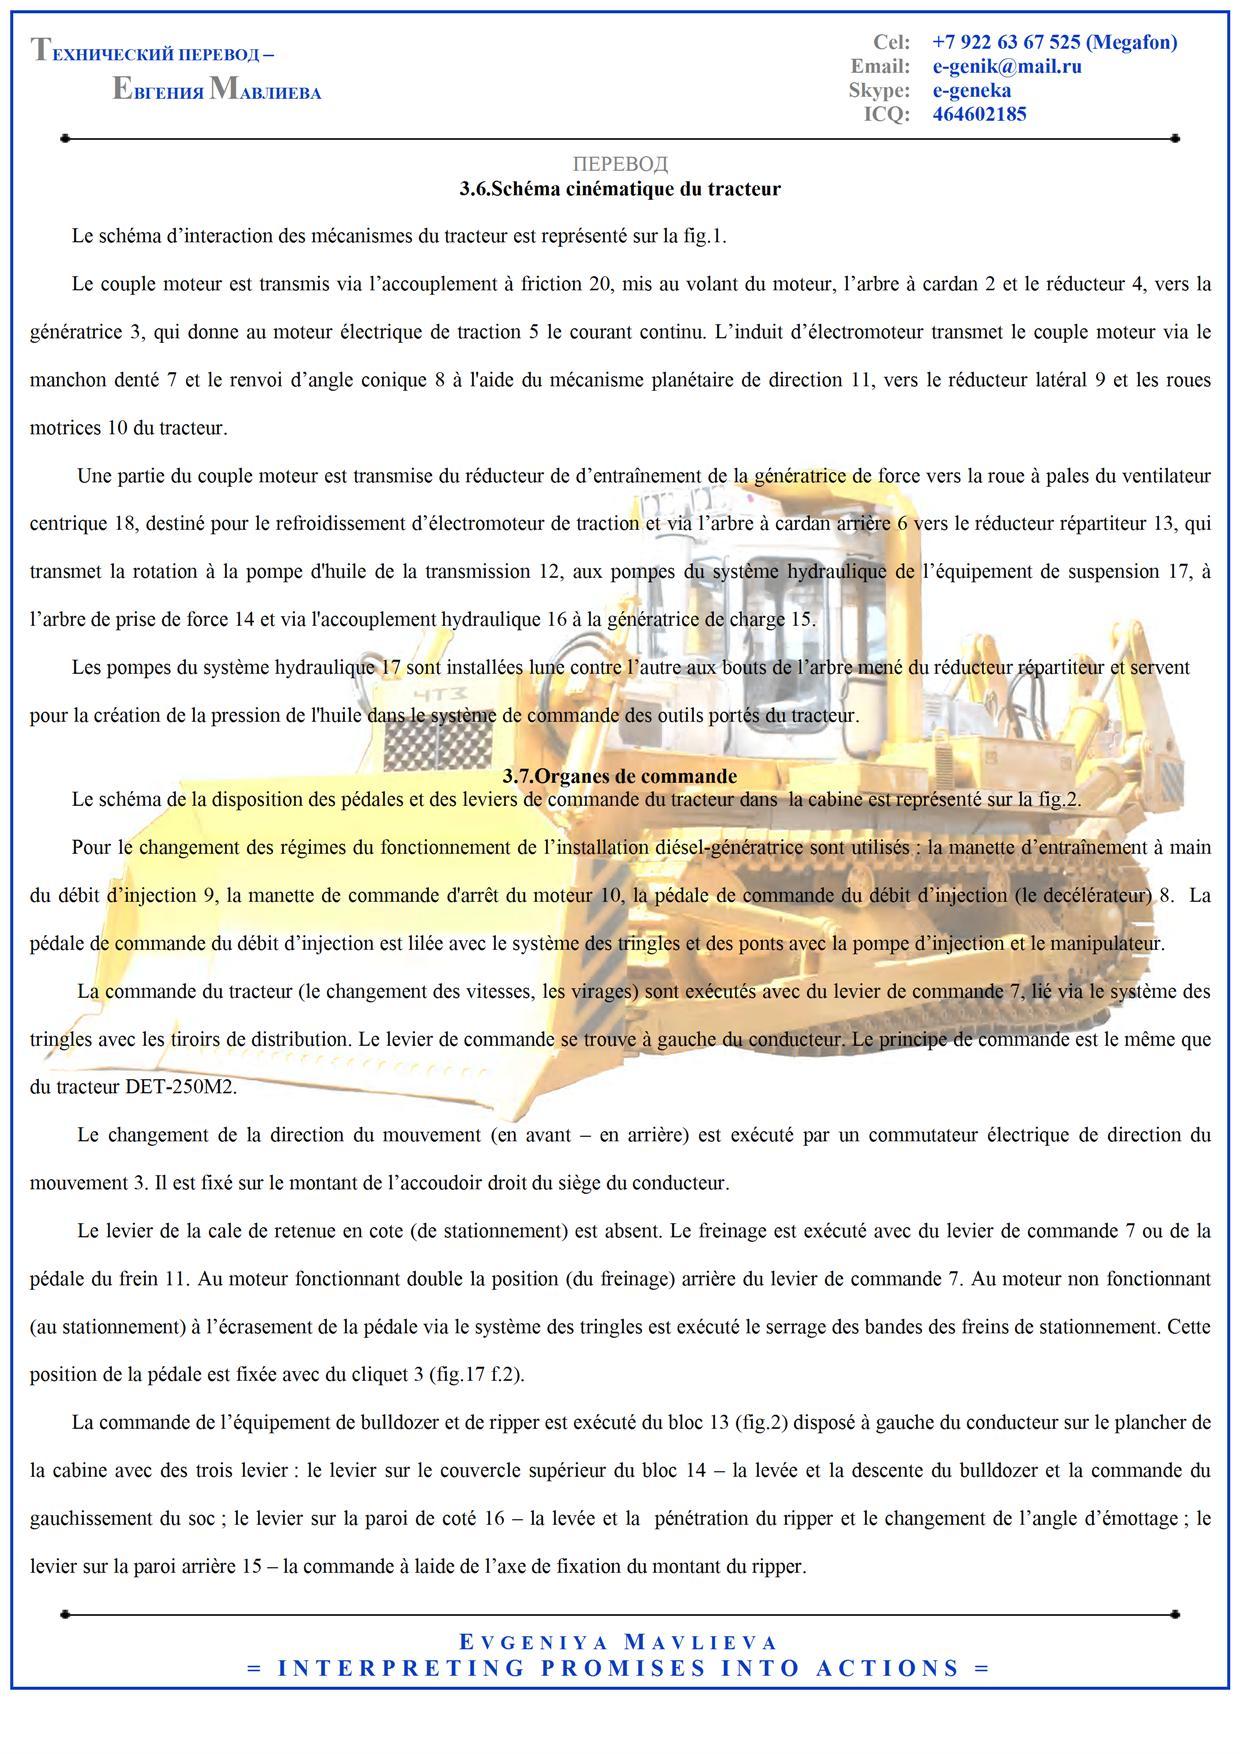 ДИЗЕЛЬ ЭЛЕКТРИЧЕСКИЙ ТРАКТОР (RU)>FR